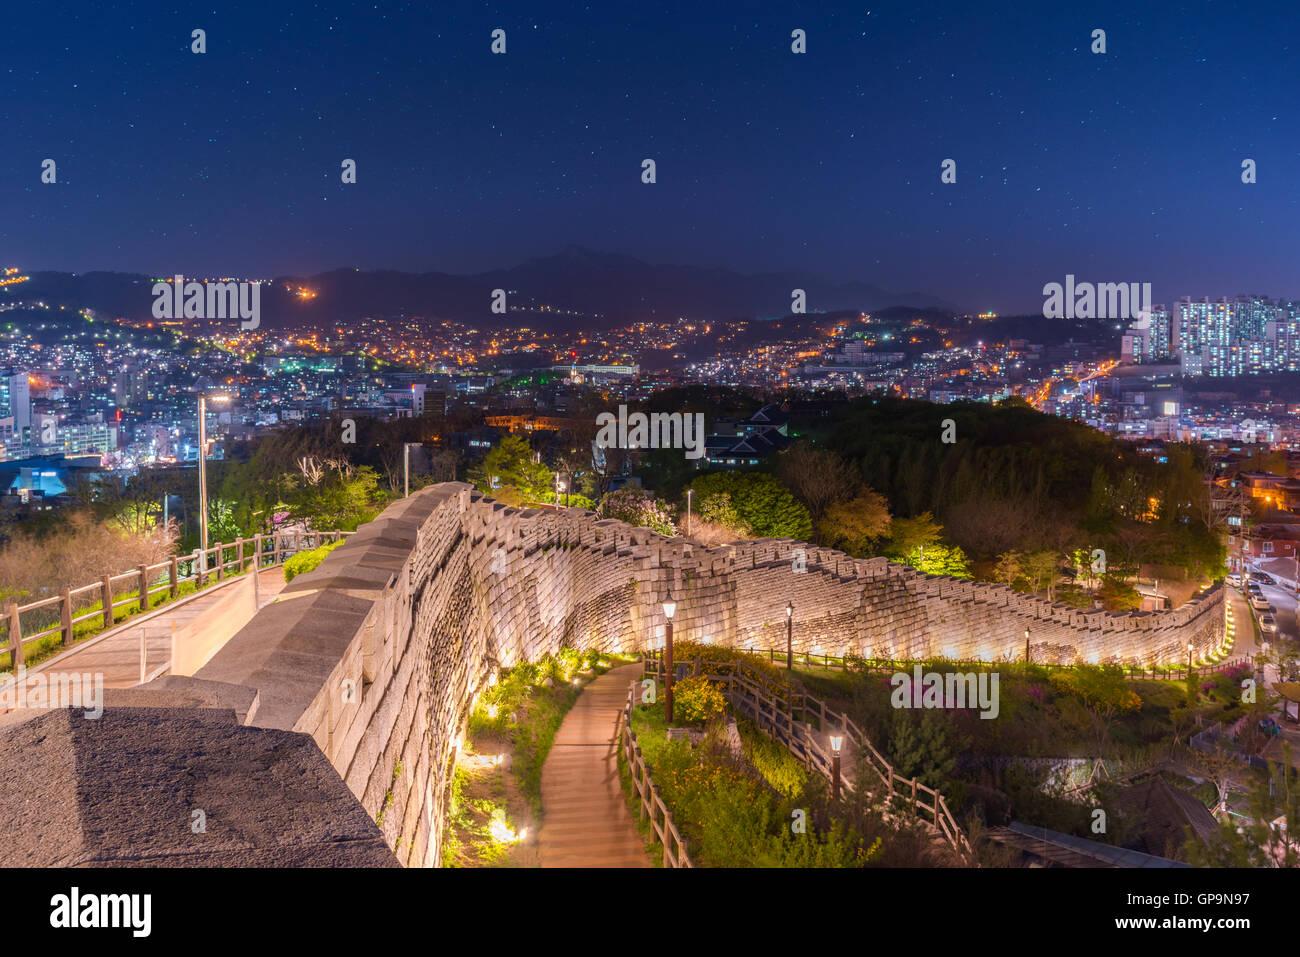 En la noche de Seúl, Corea del Sur el horizonte de la ciudad. Imagen De Stock